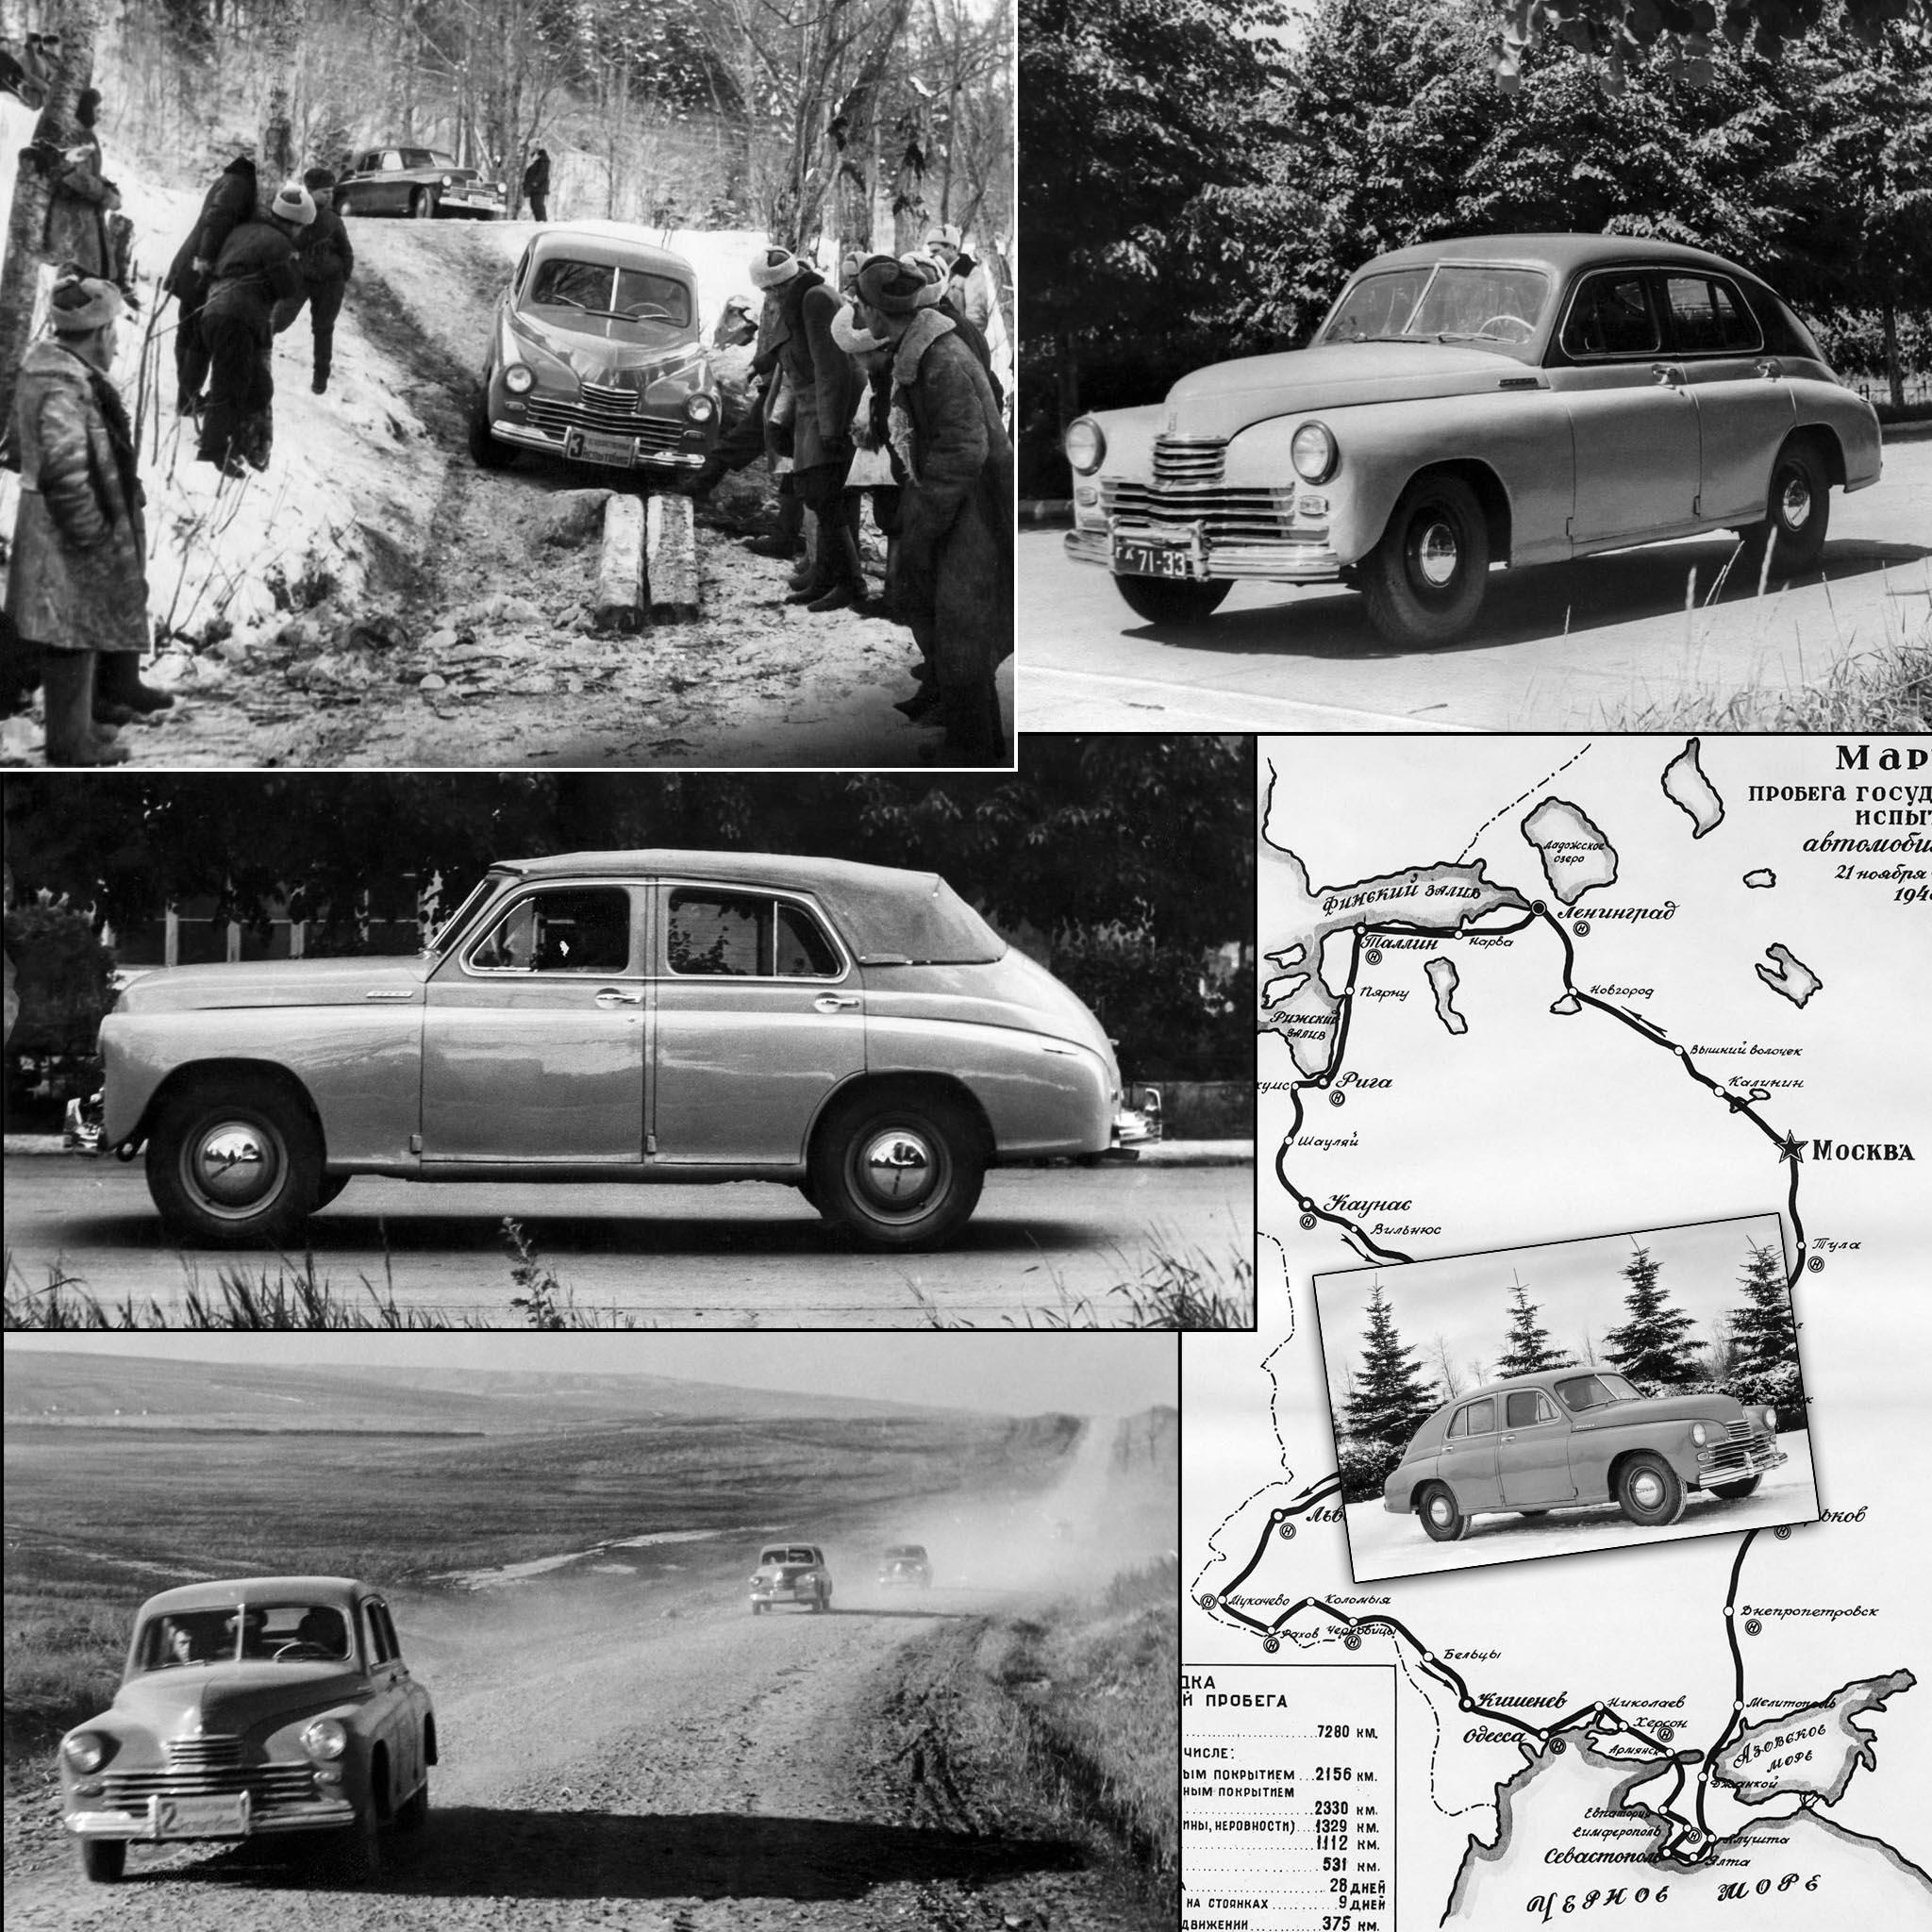 Отчёт по испытаниям автомобилей Победа, 1948, 1949, фото, фотография, отчёт, испытания, Победа, автомобиль Победа, Москва, СССР, автопробег, зима, реставрация, ГАЗ-М-20